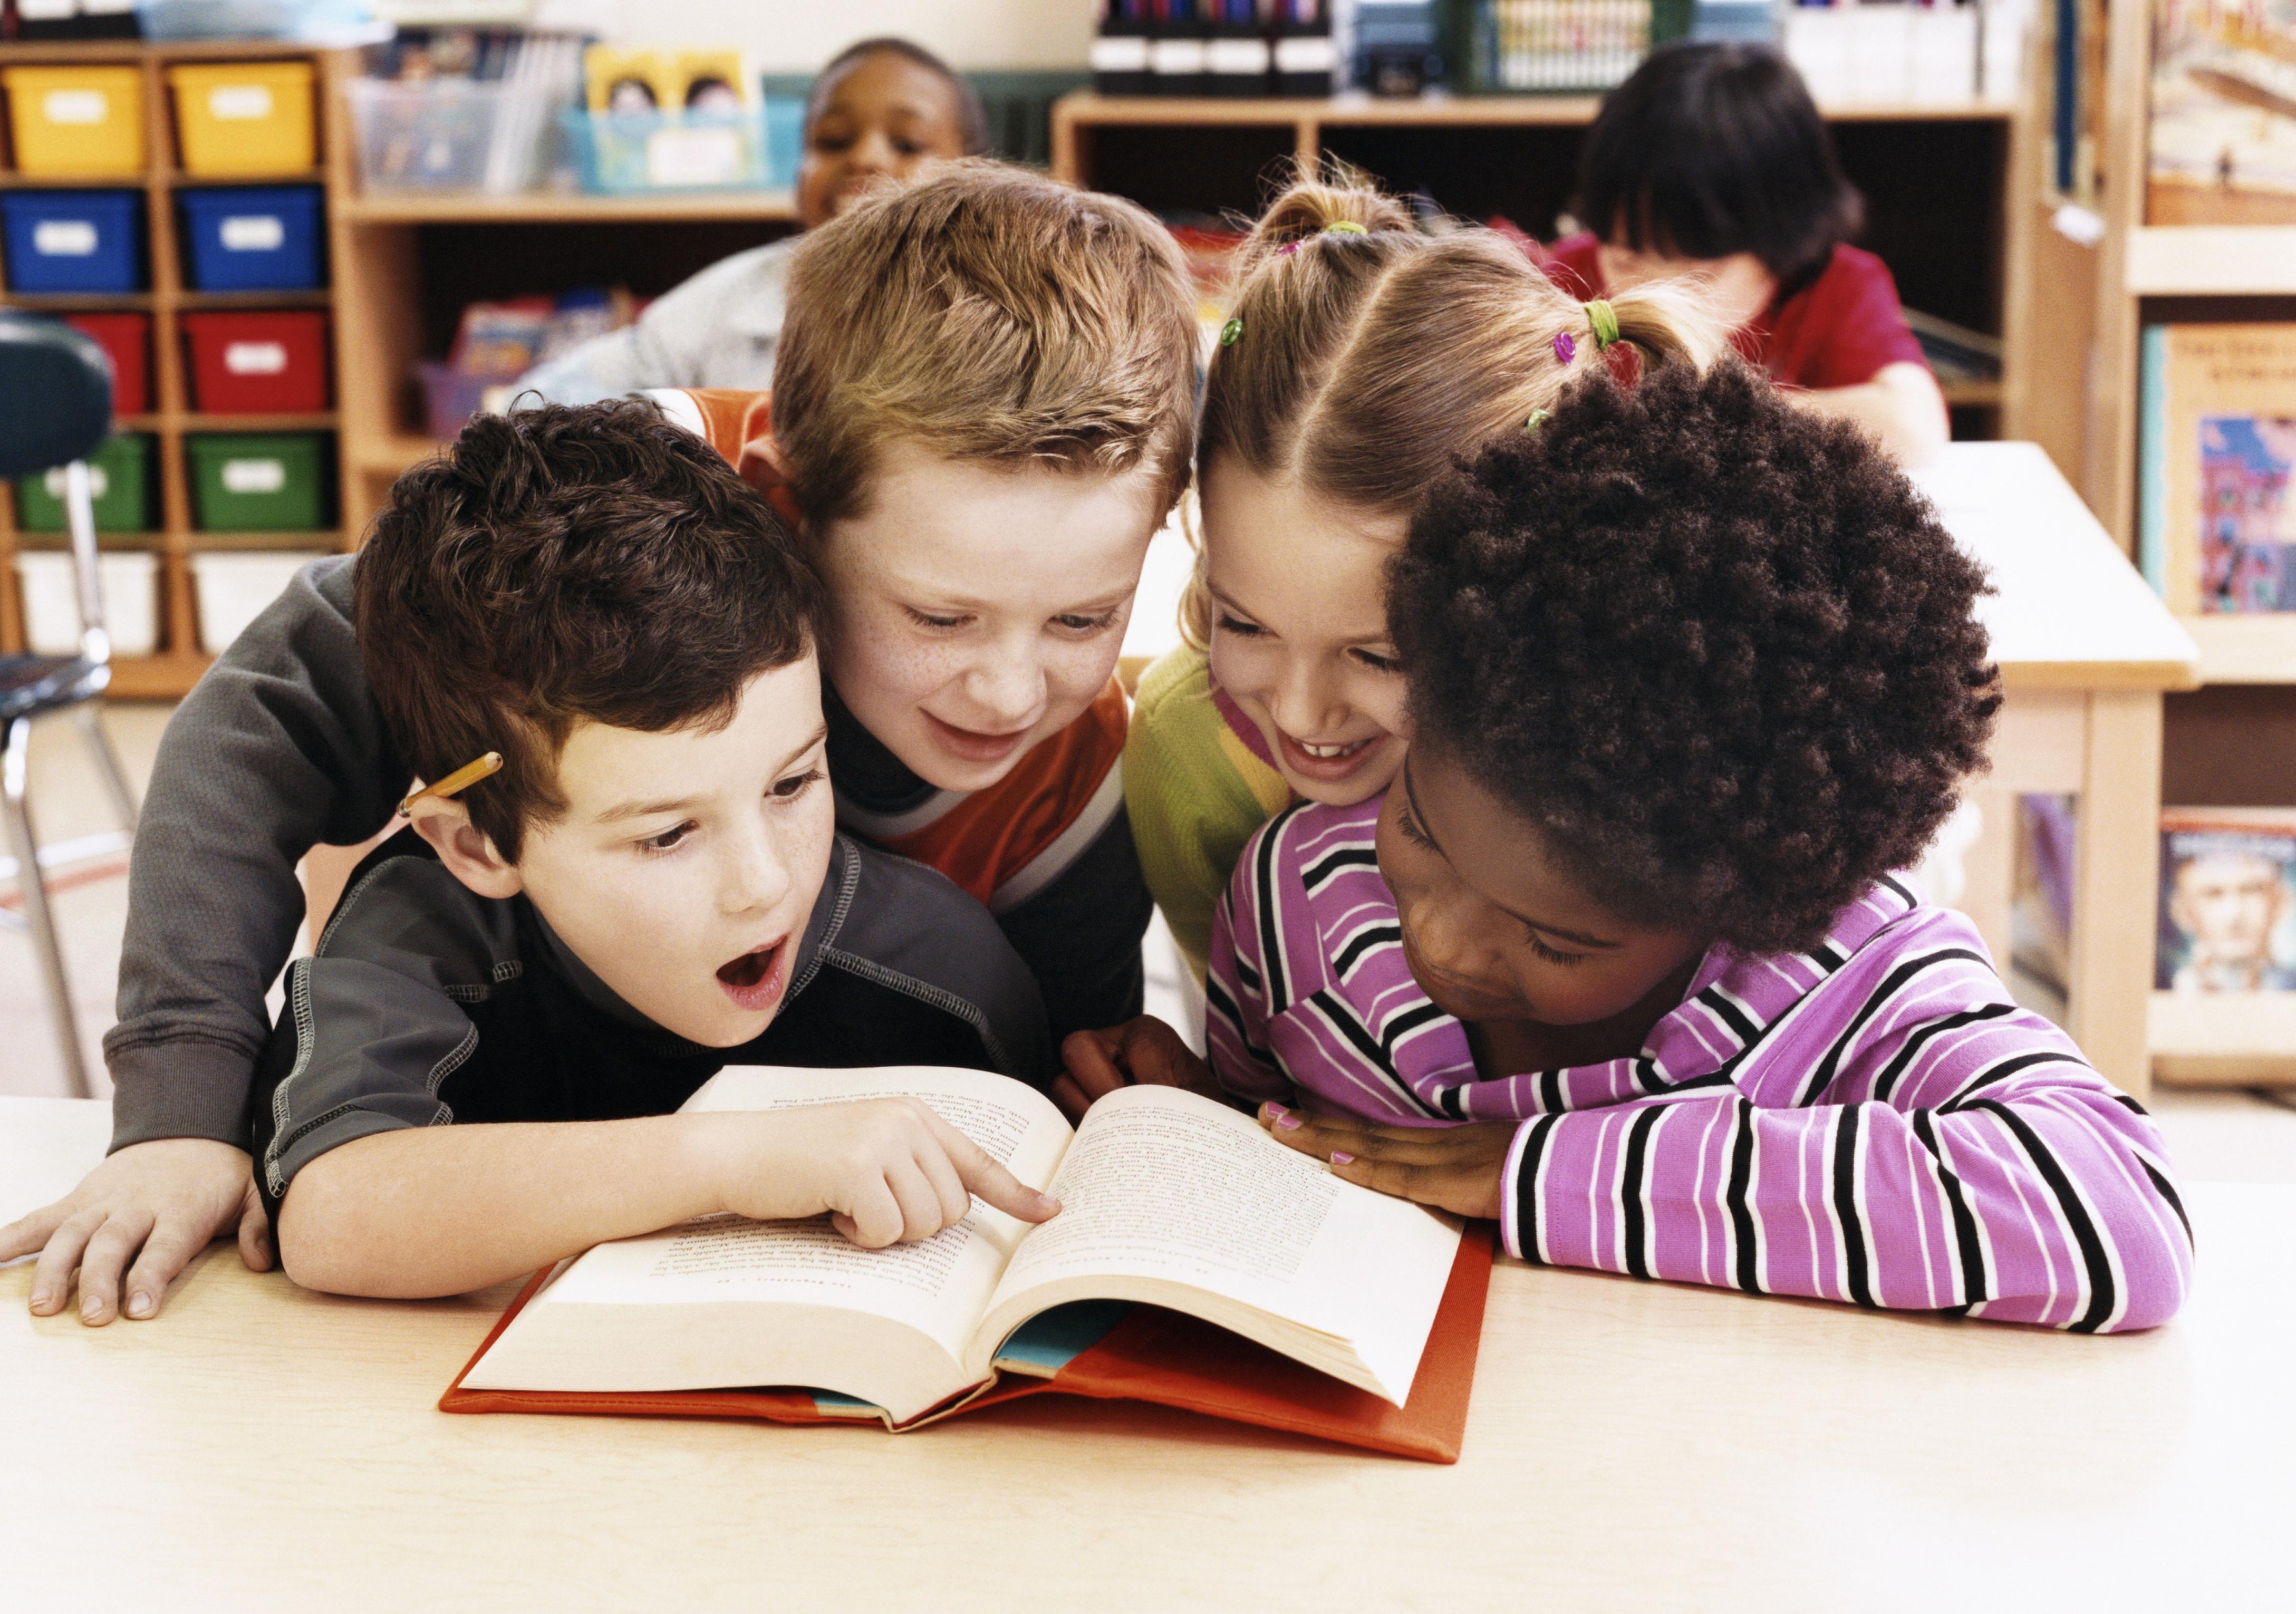 learning activities in schools